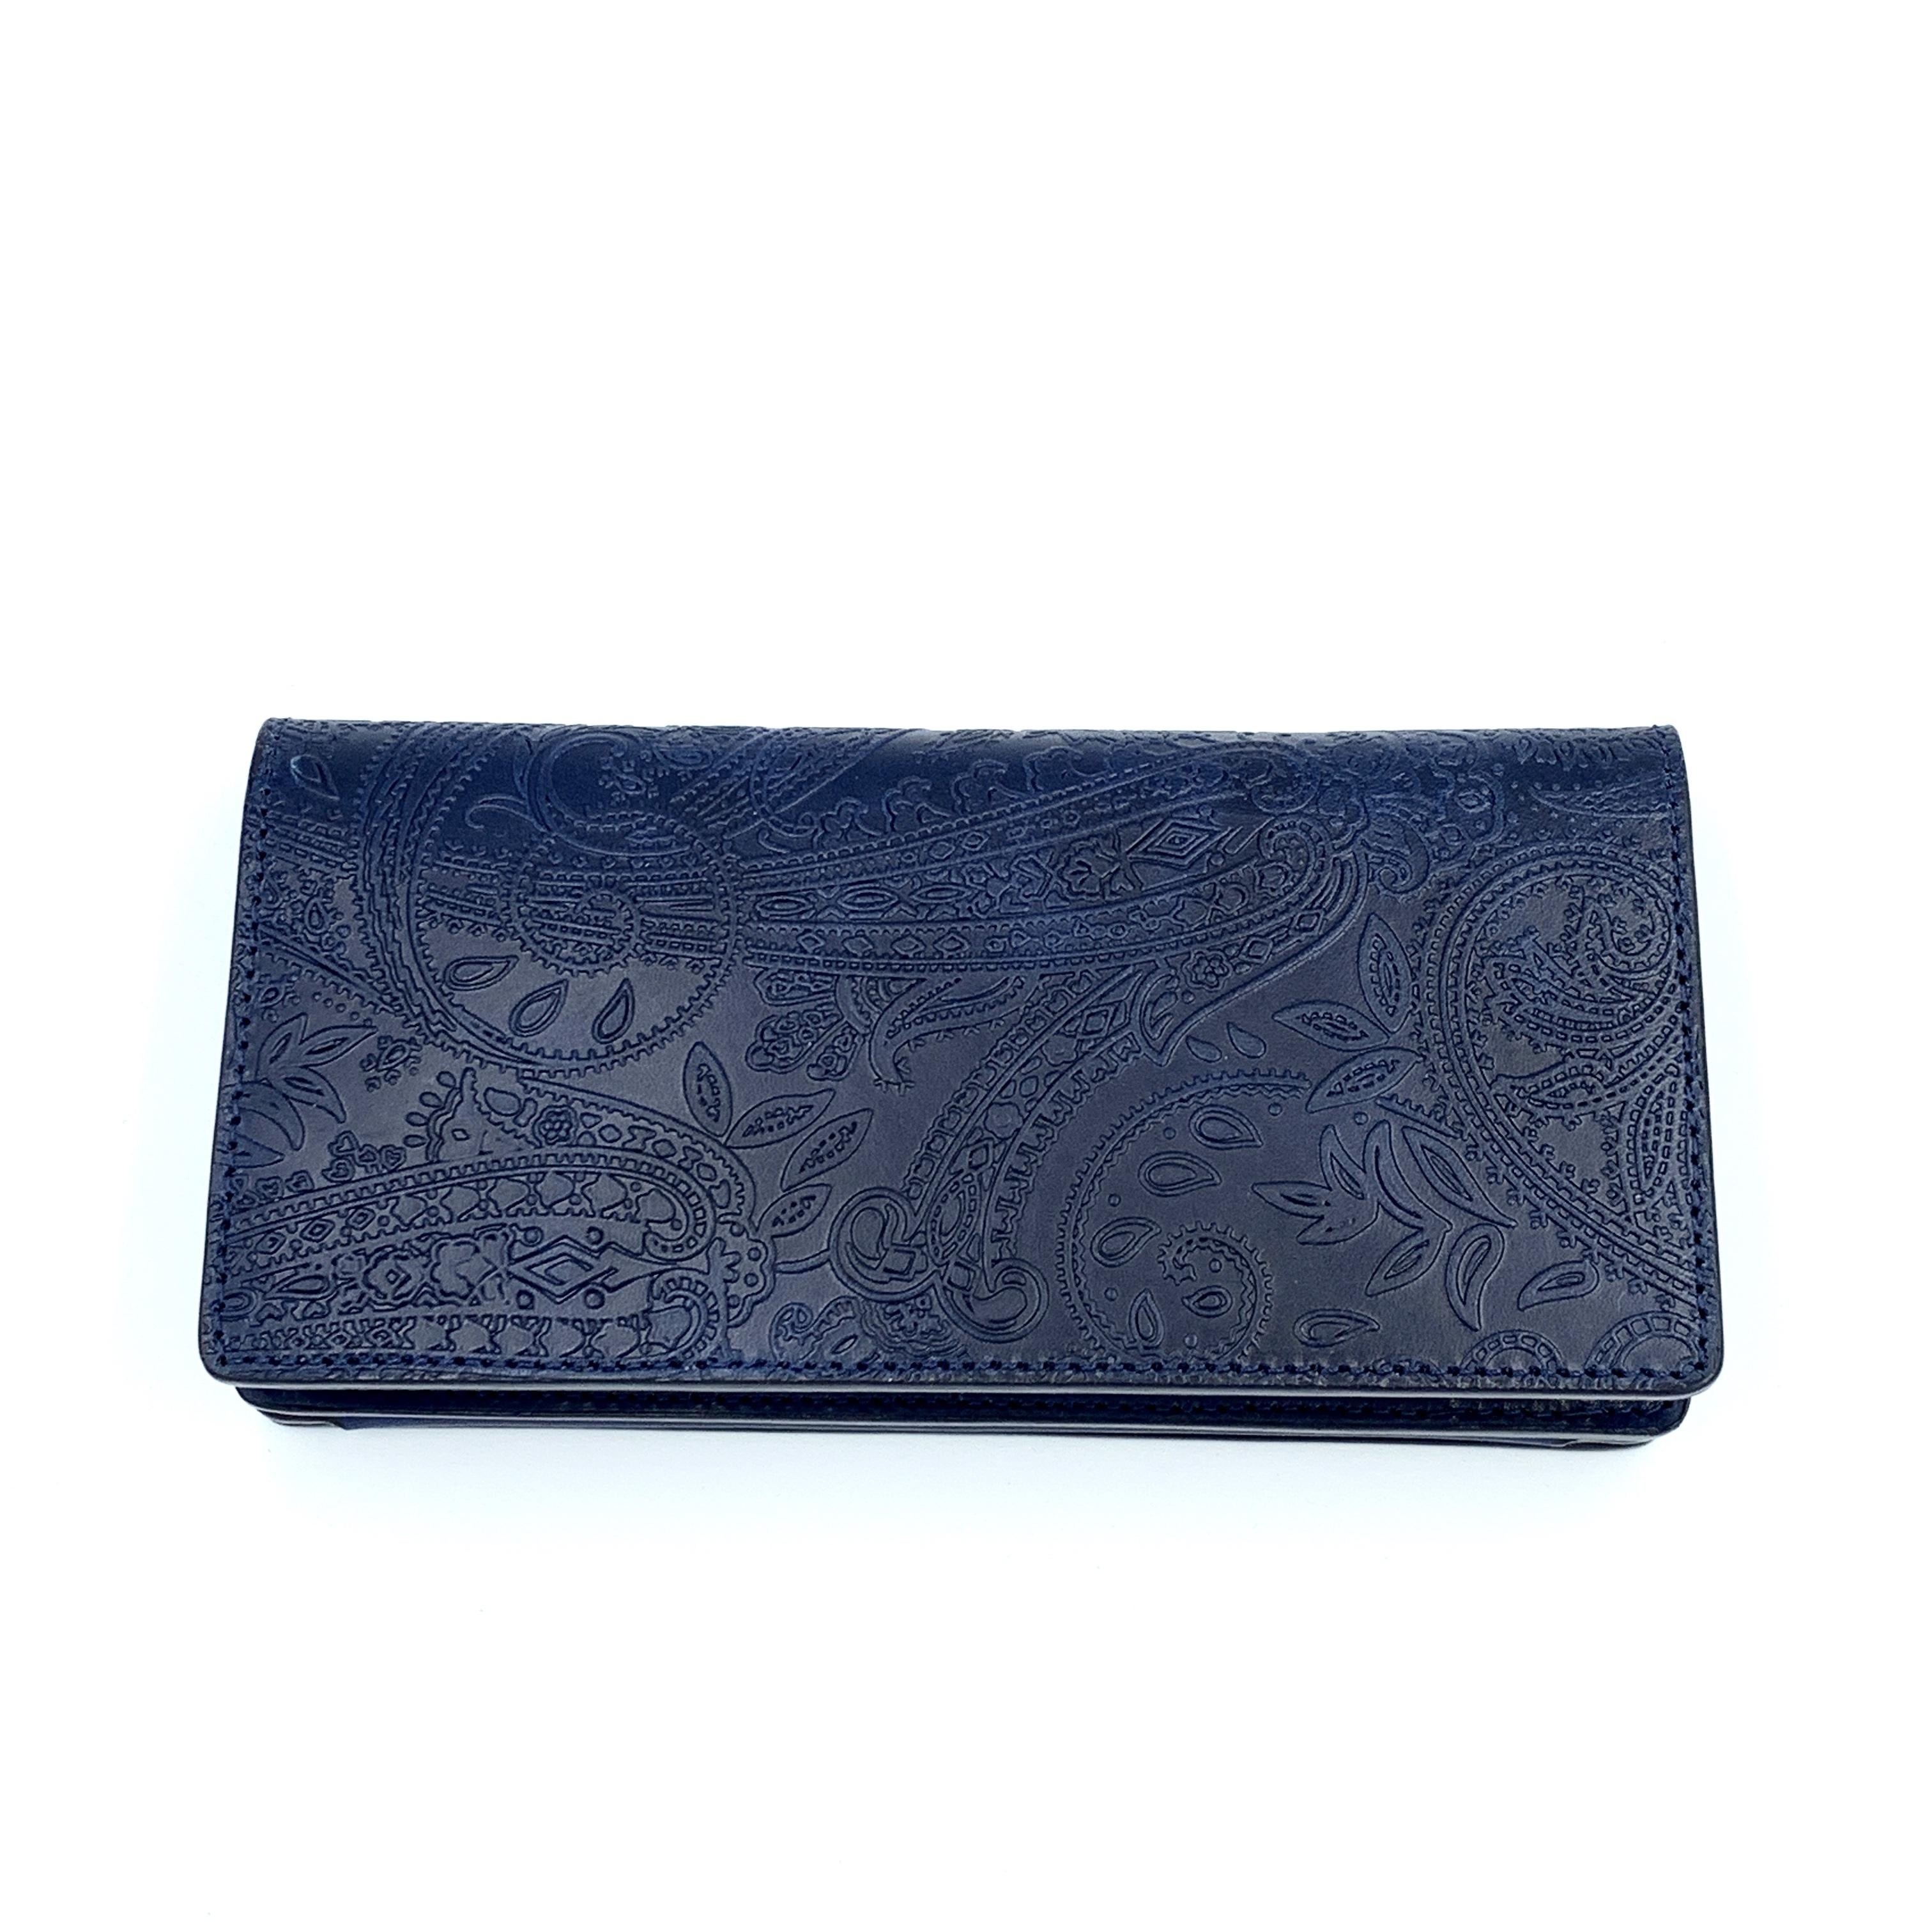 YONZY 二つ折り長財布 ペイズリーエンボスレザー ROYAL BLUE  YZLW TYPE1